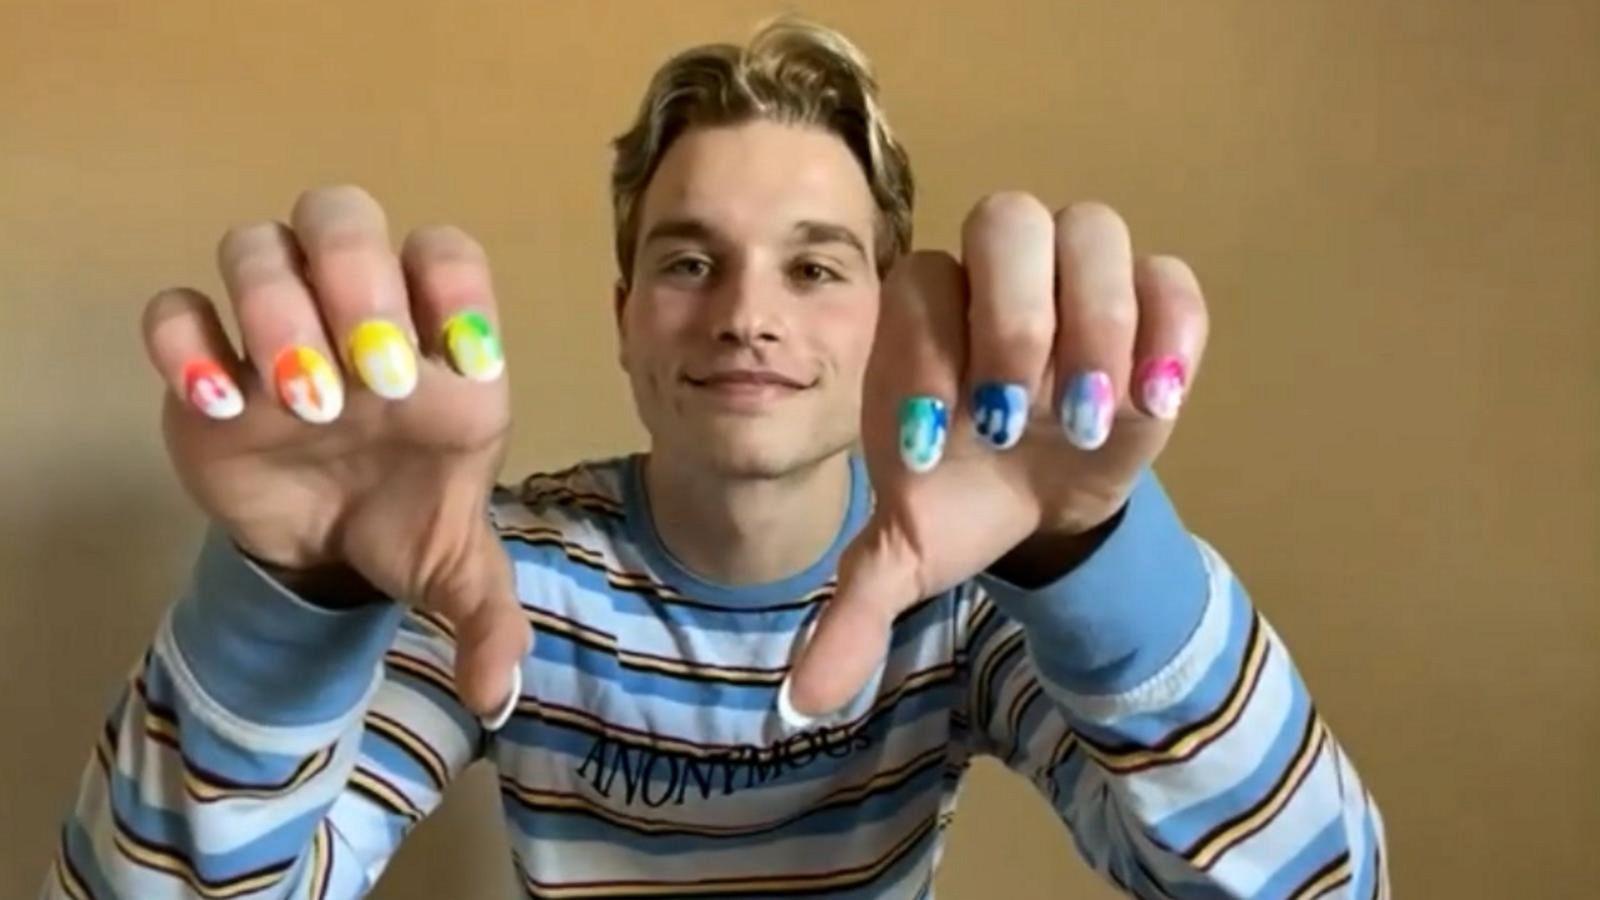 EE.UU.: Un adolescente gay es suspendido en su escuela por llevar esmalte de uñas